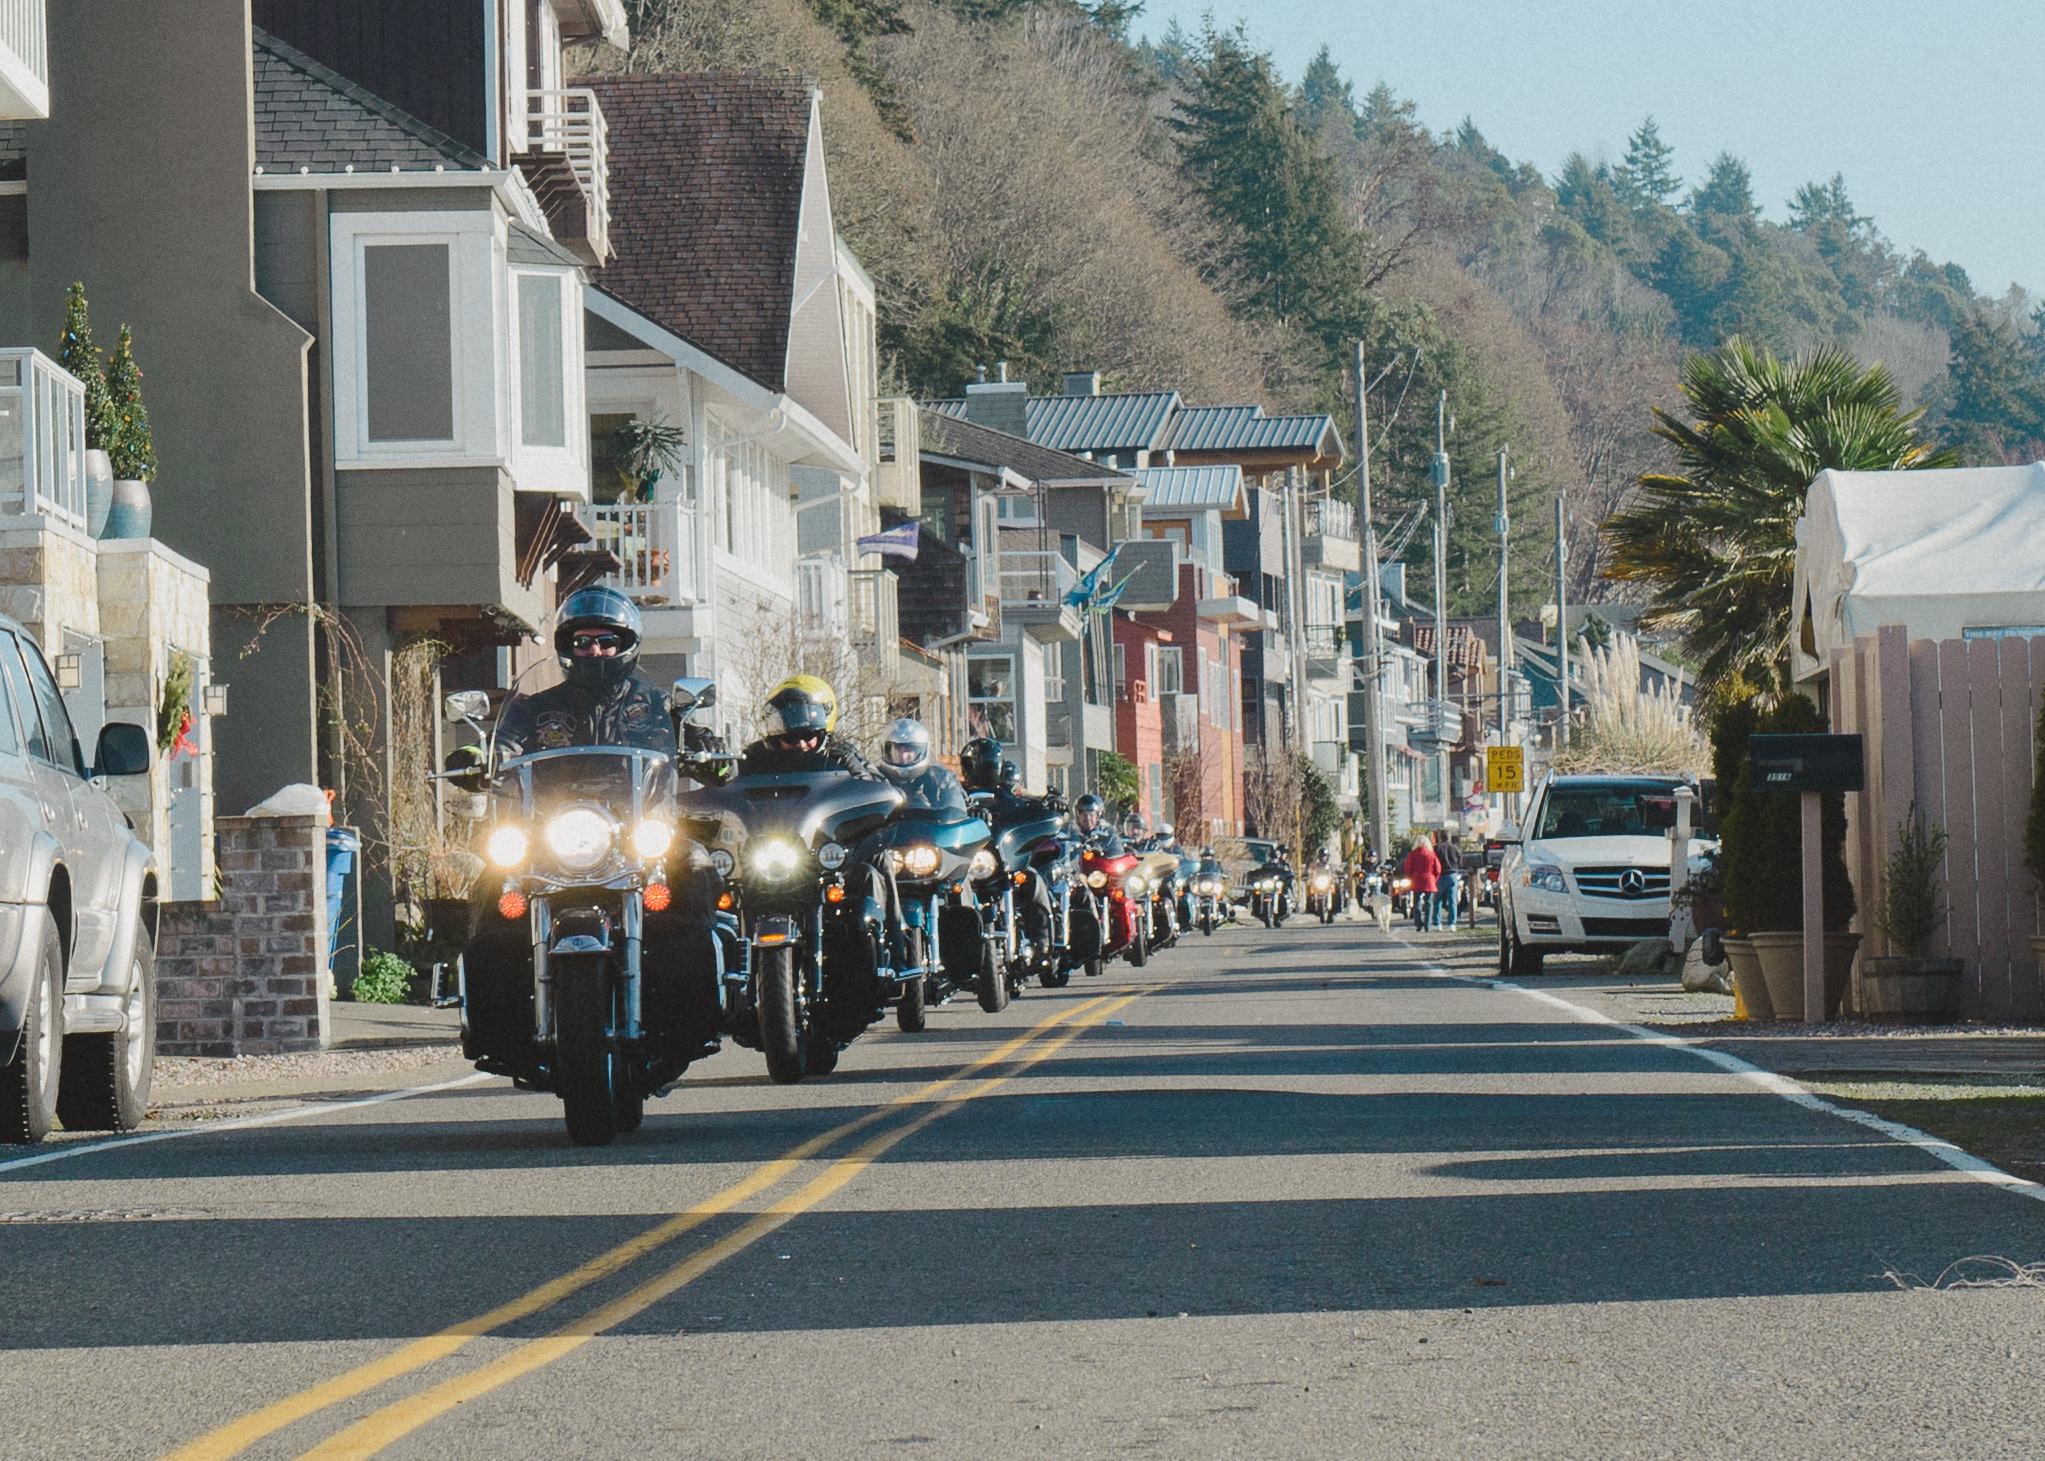 The annual hog ride.